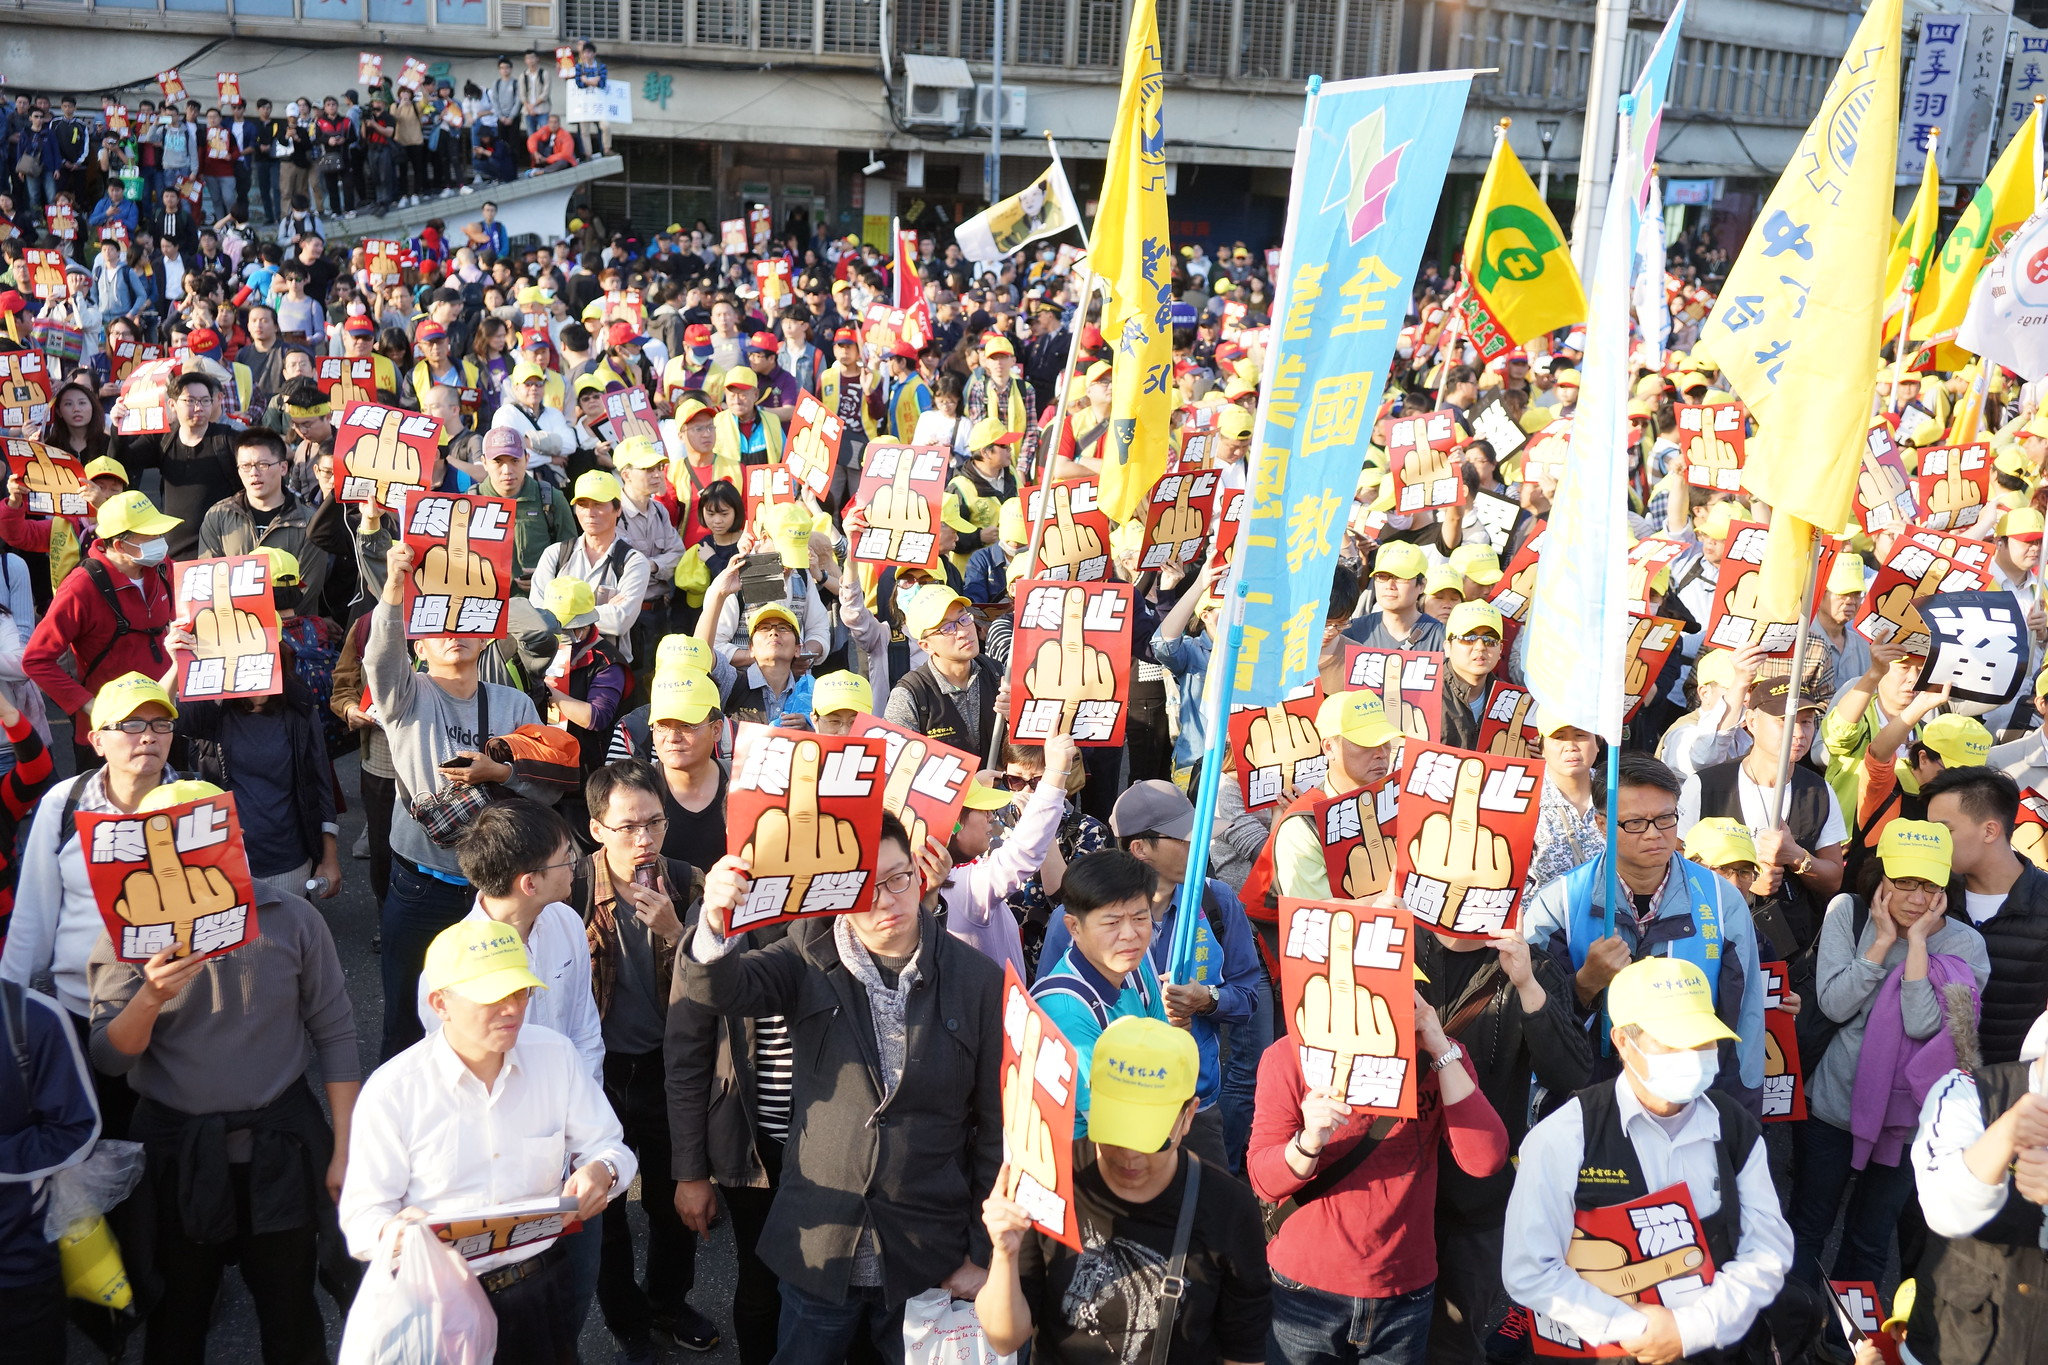 群眾對行政院高呼「終止過勞」。(攝影:王顥中)